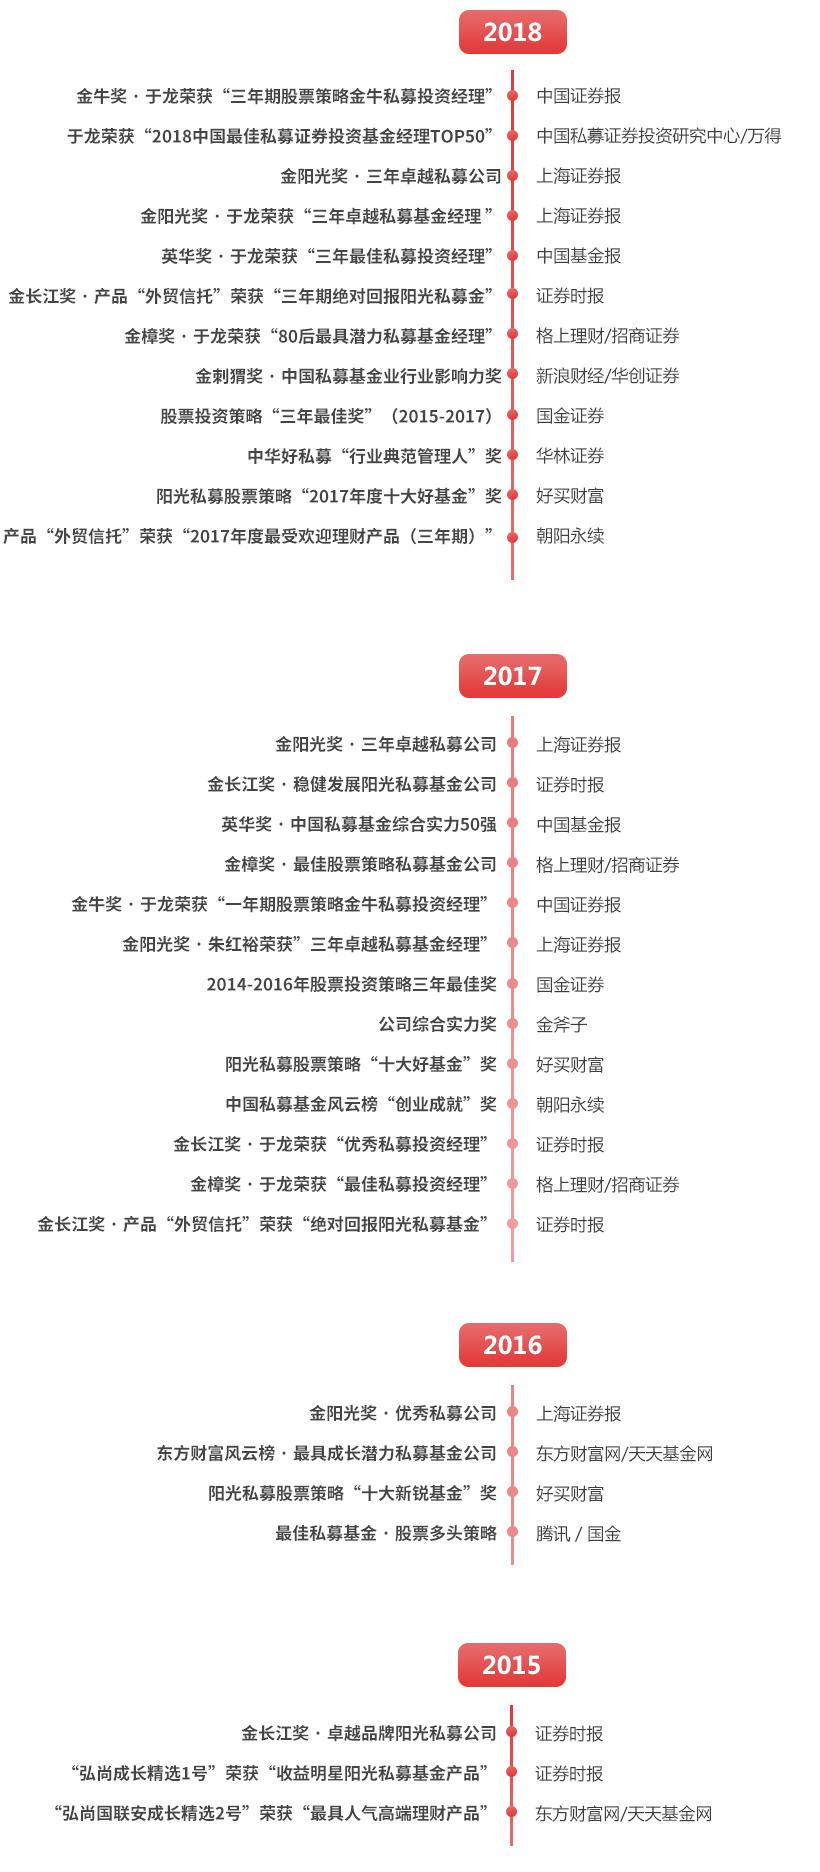 hongshang奖项.jpg